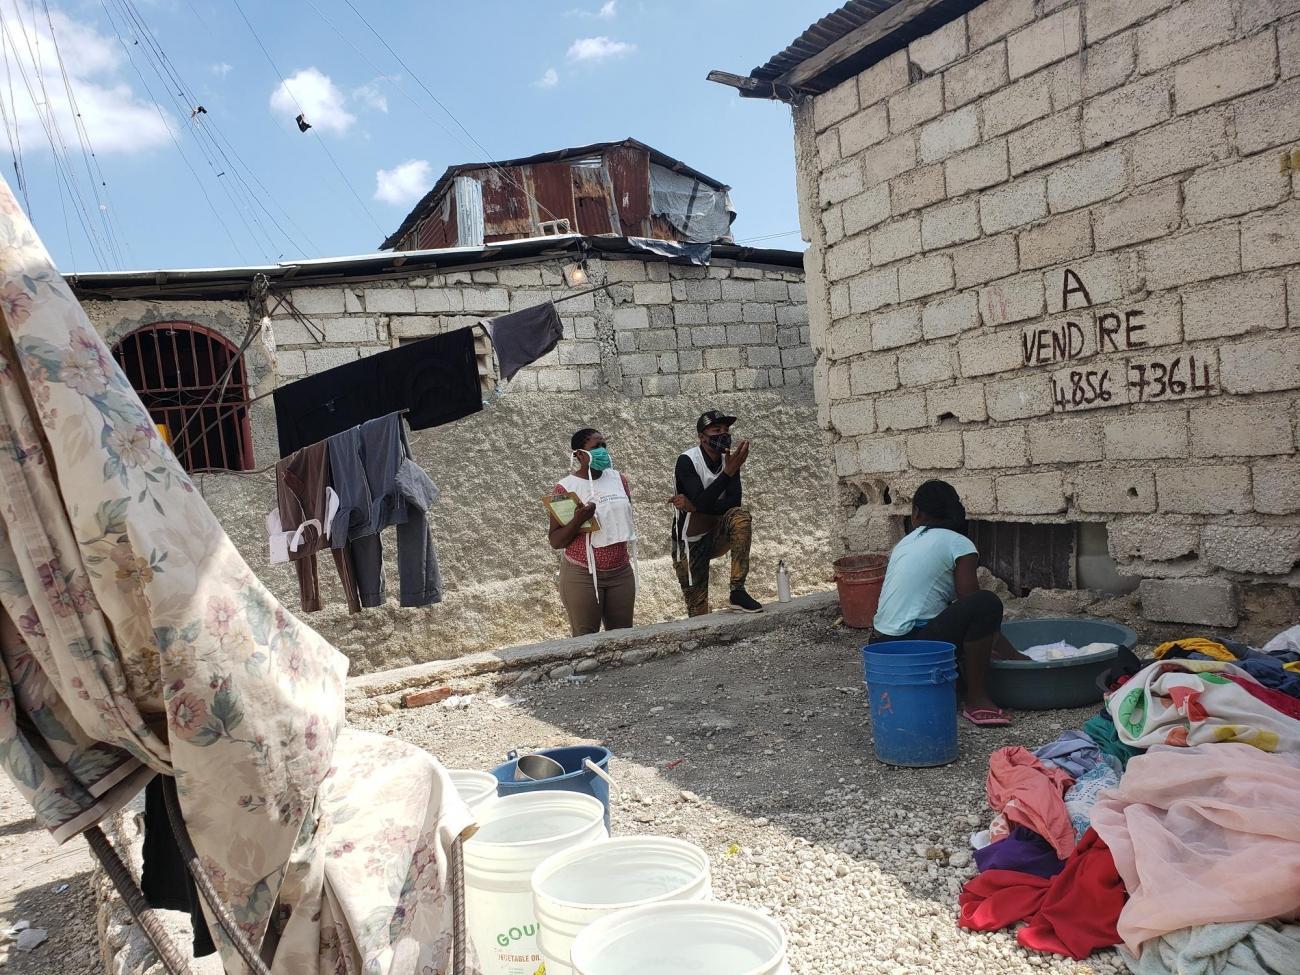 Les promoteurs de la santé de MSF sensibilisent aux mesures préventives liées à la Covid-19 à Martissant, un quartier de la capitale Port-au-Prince  © MSF/Lunos Saint-Brave